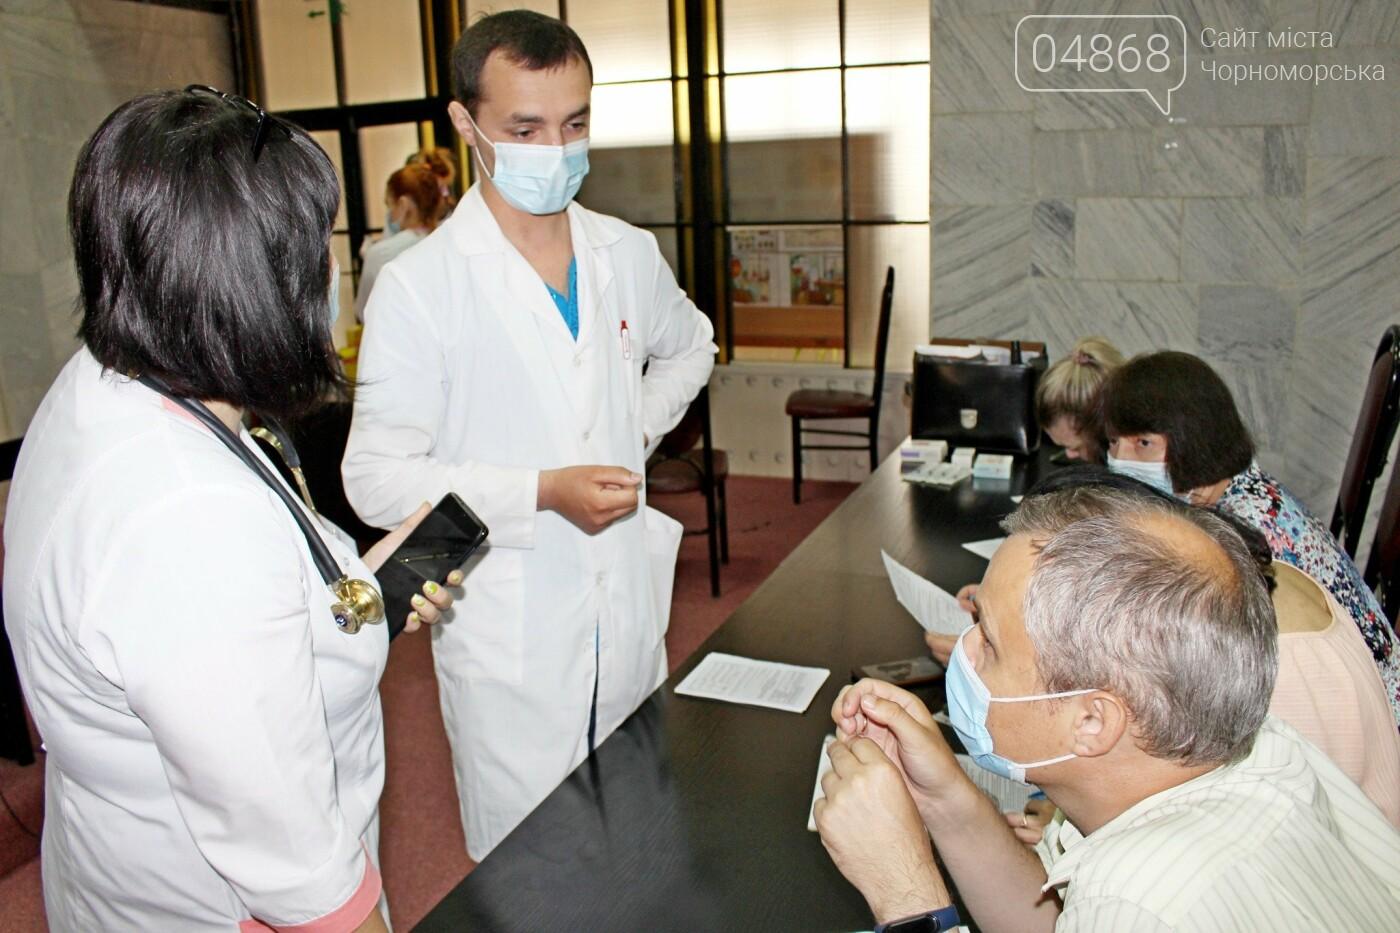 В порту Черноморска провели первый этап вакцинации от Covid-19 работников, фото-1